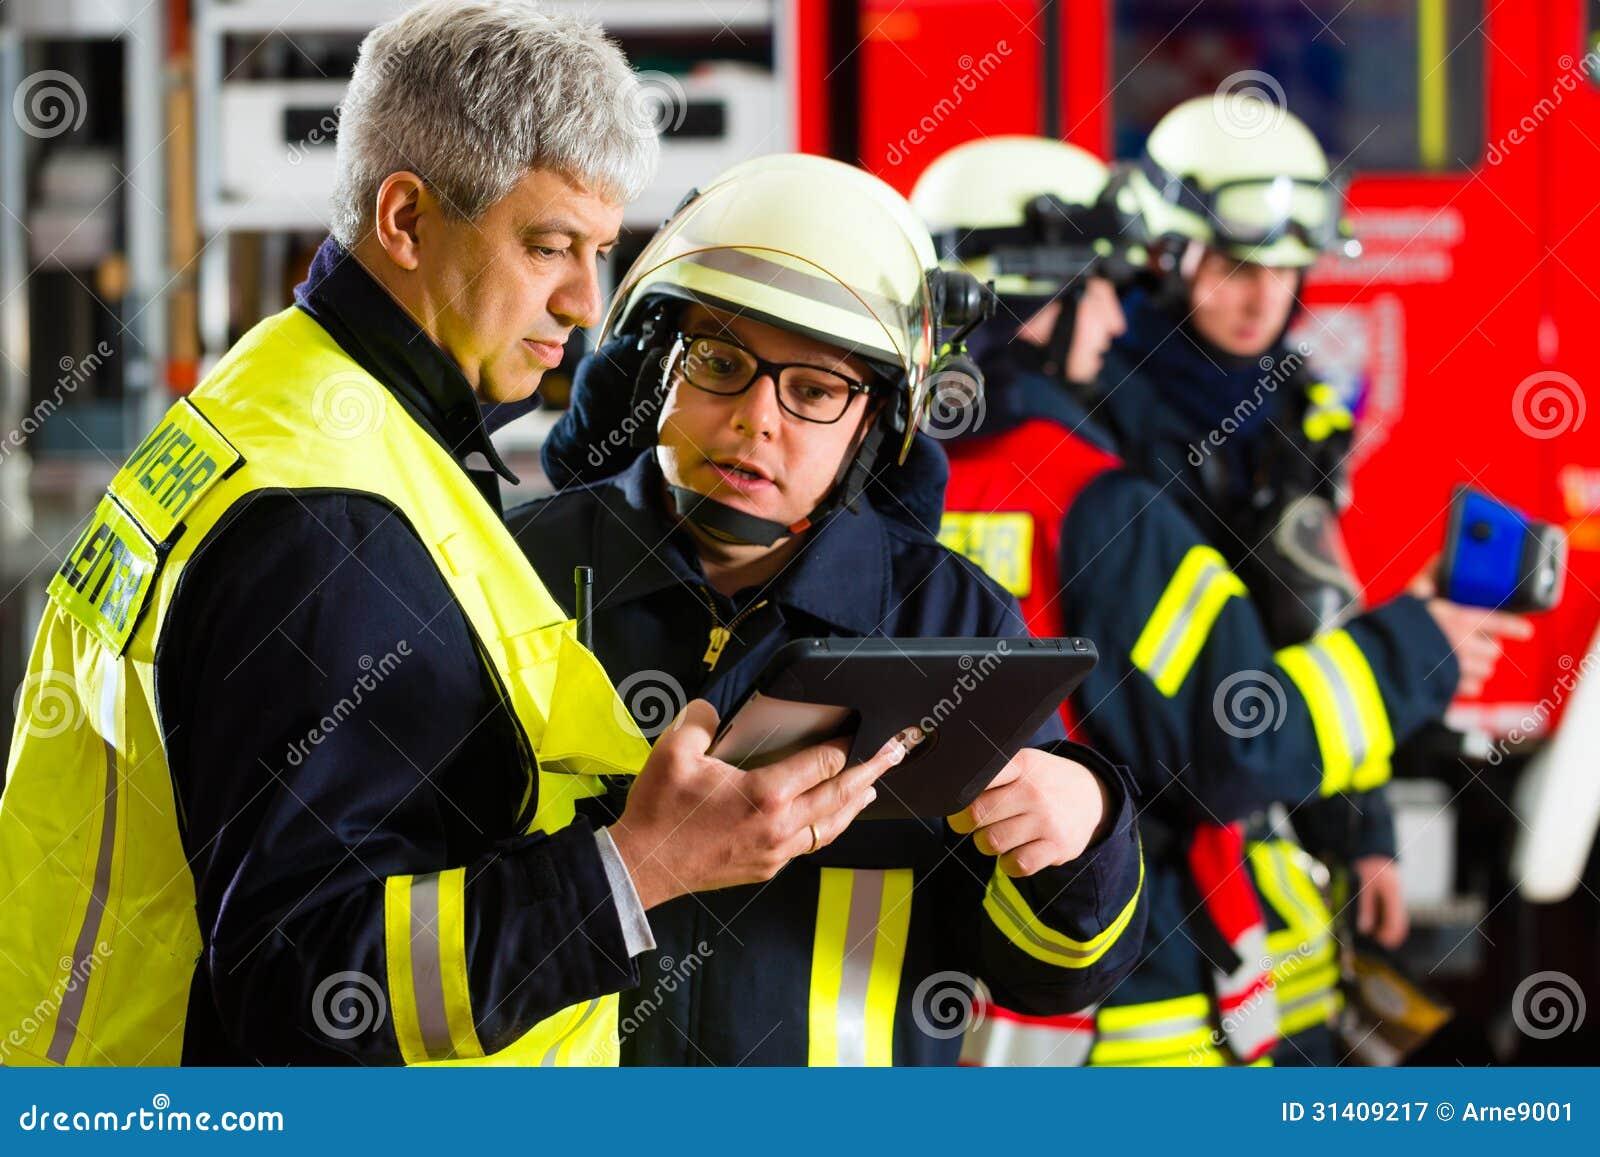 Planification de déploiement des sapeurs-pompiers sur l ordinateur